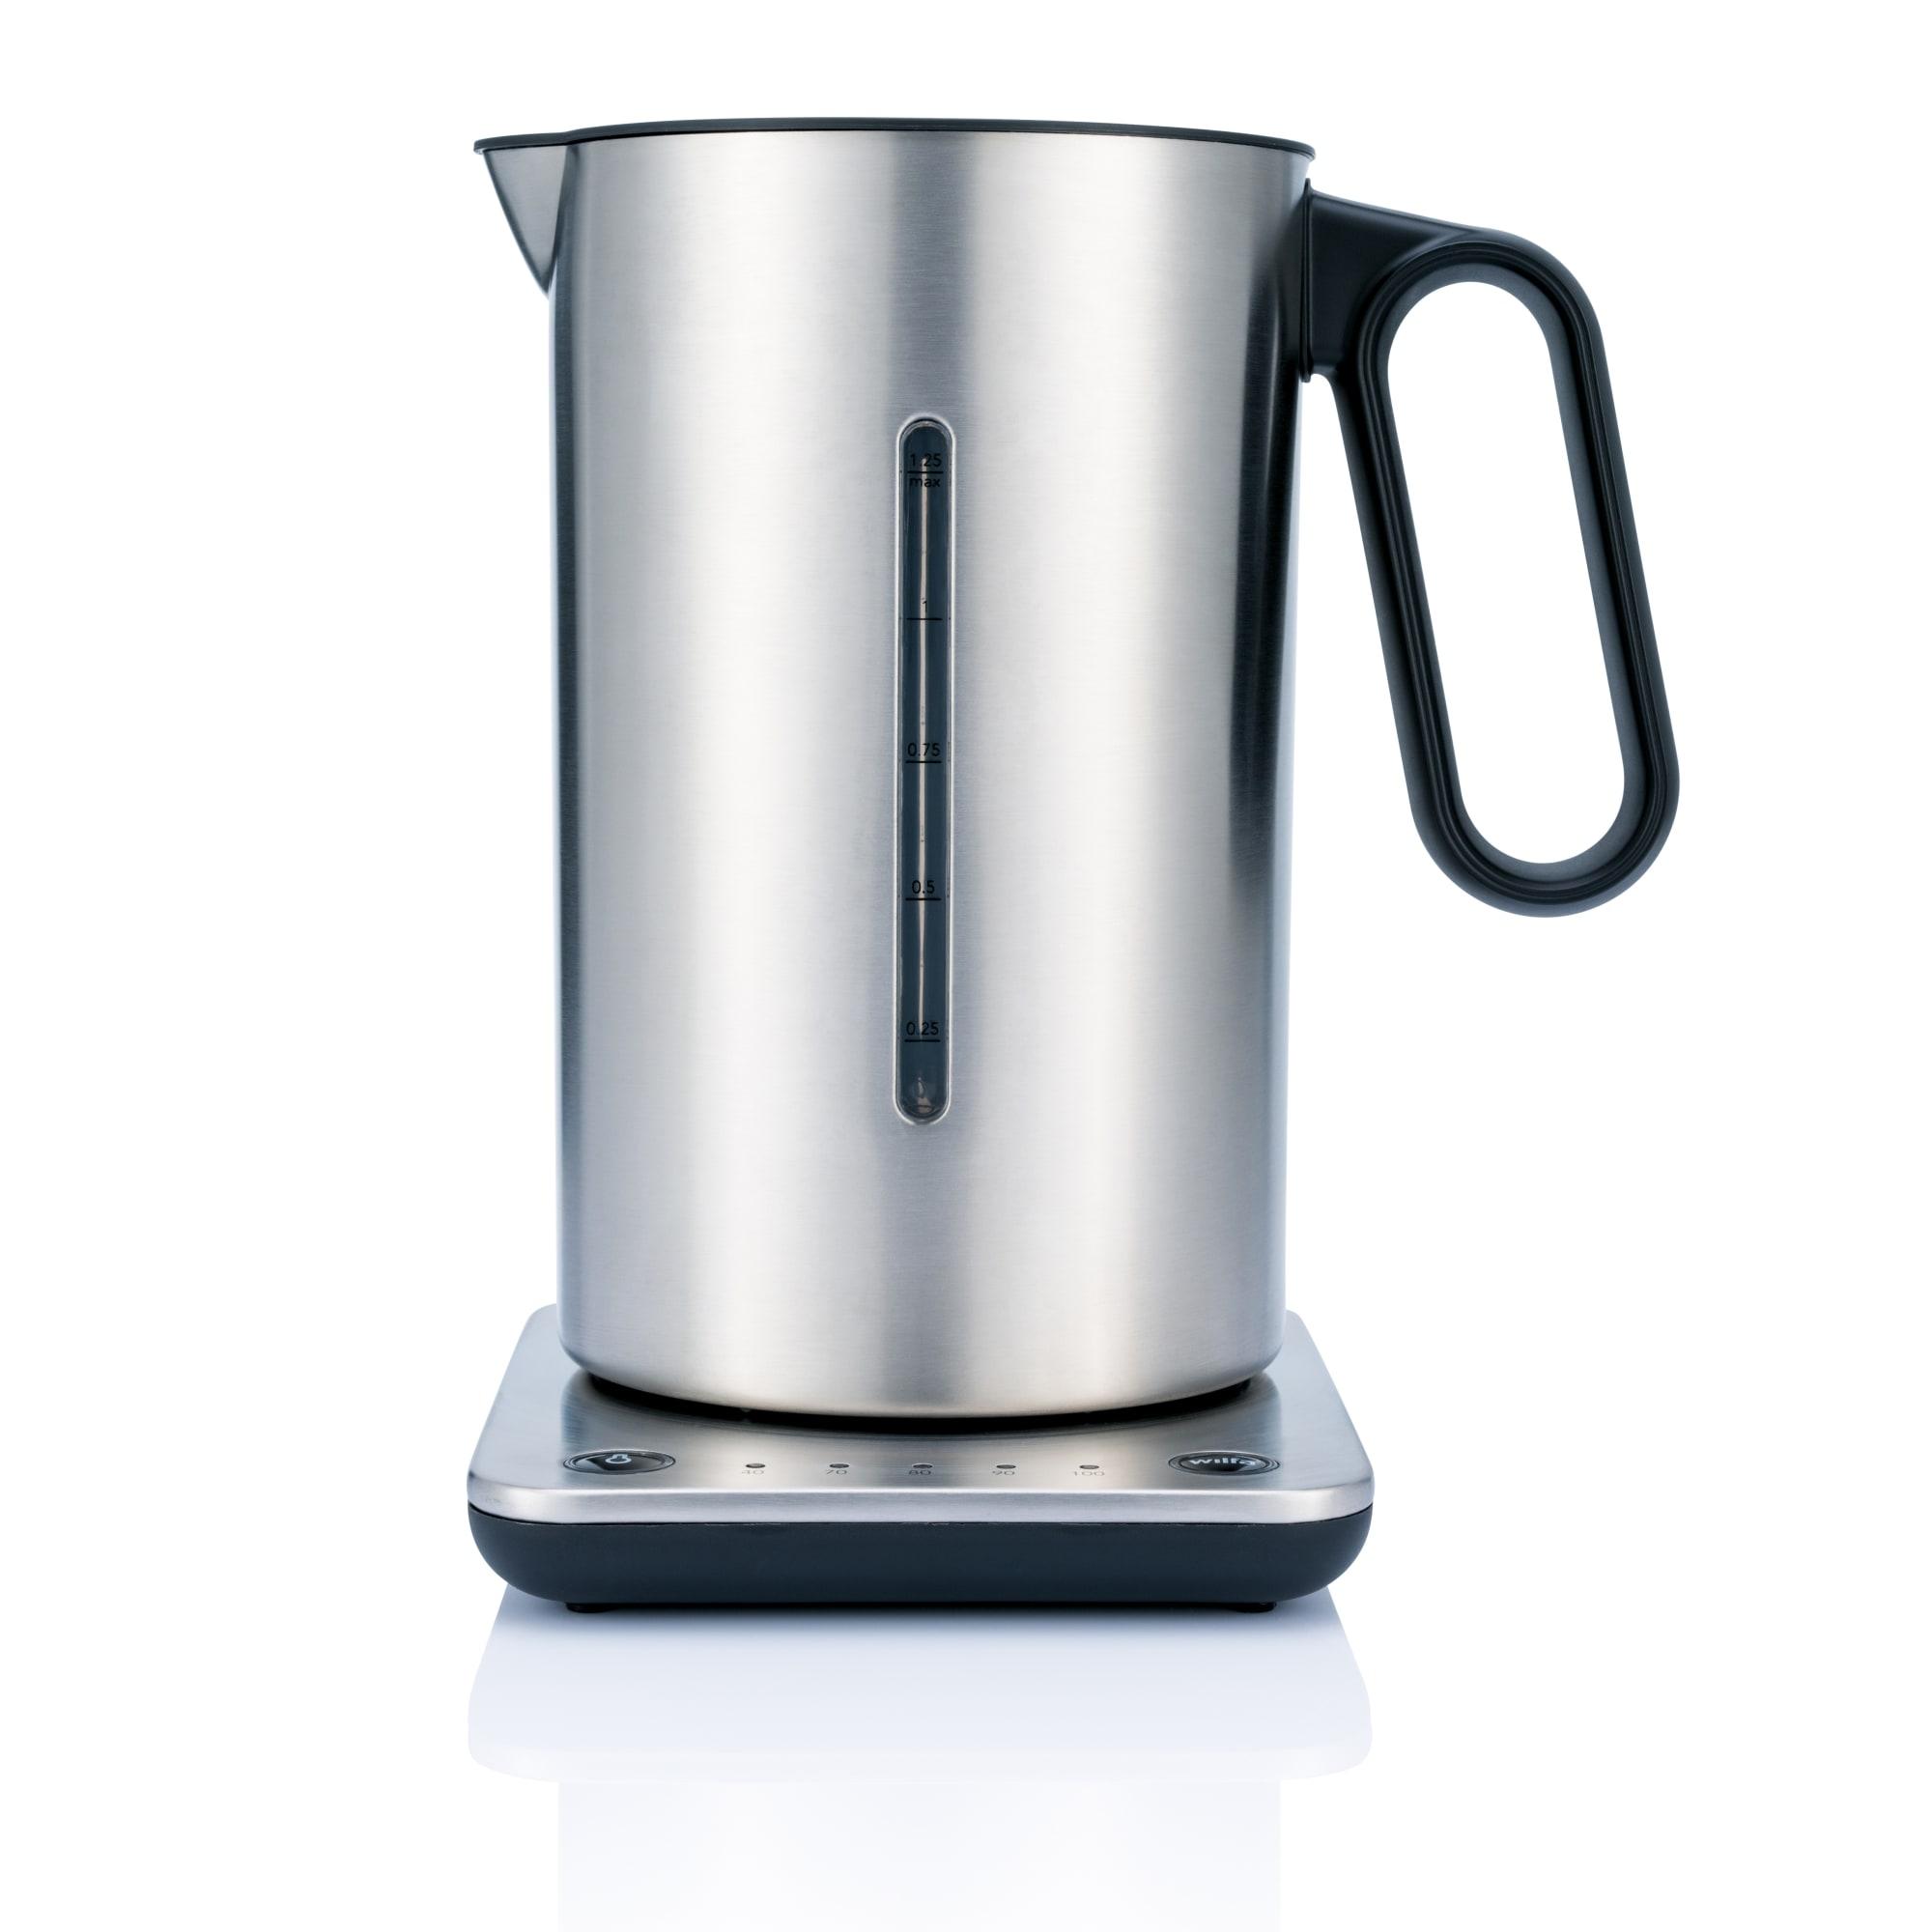 1,25 liter - Med temperaturvælger ned til 40°C